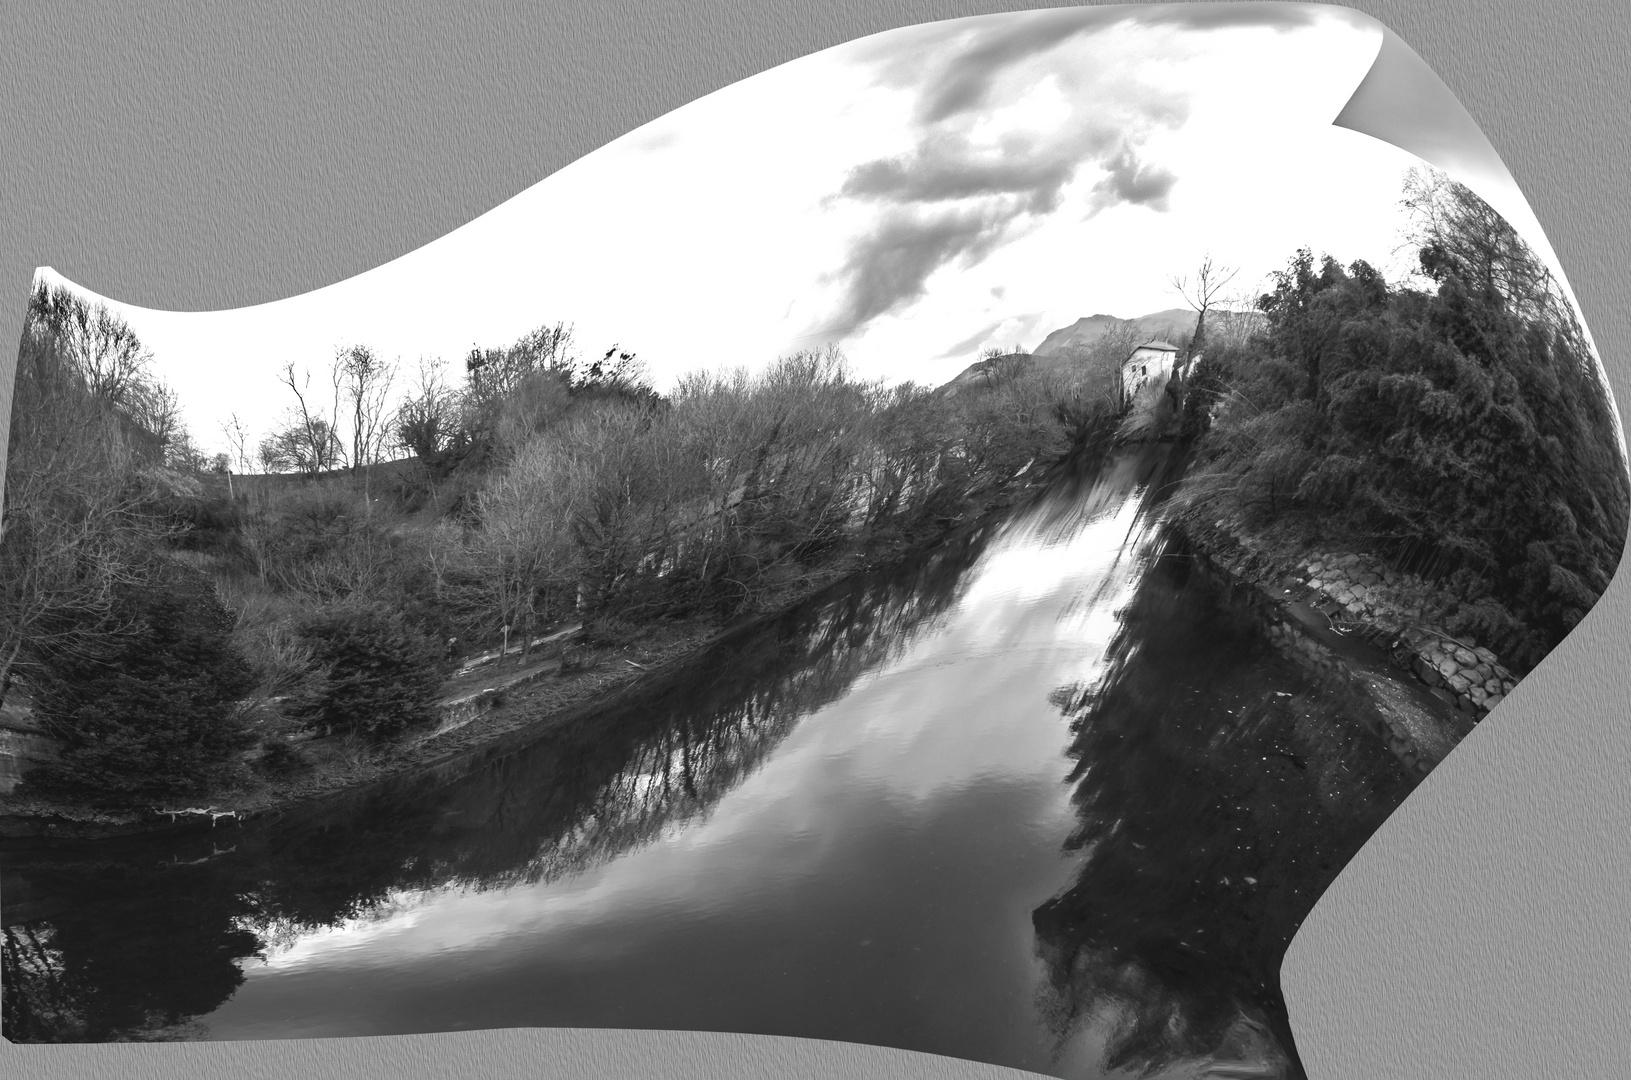 El riacho